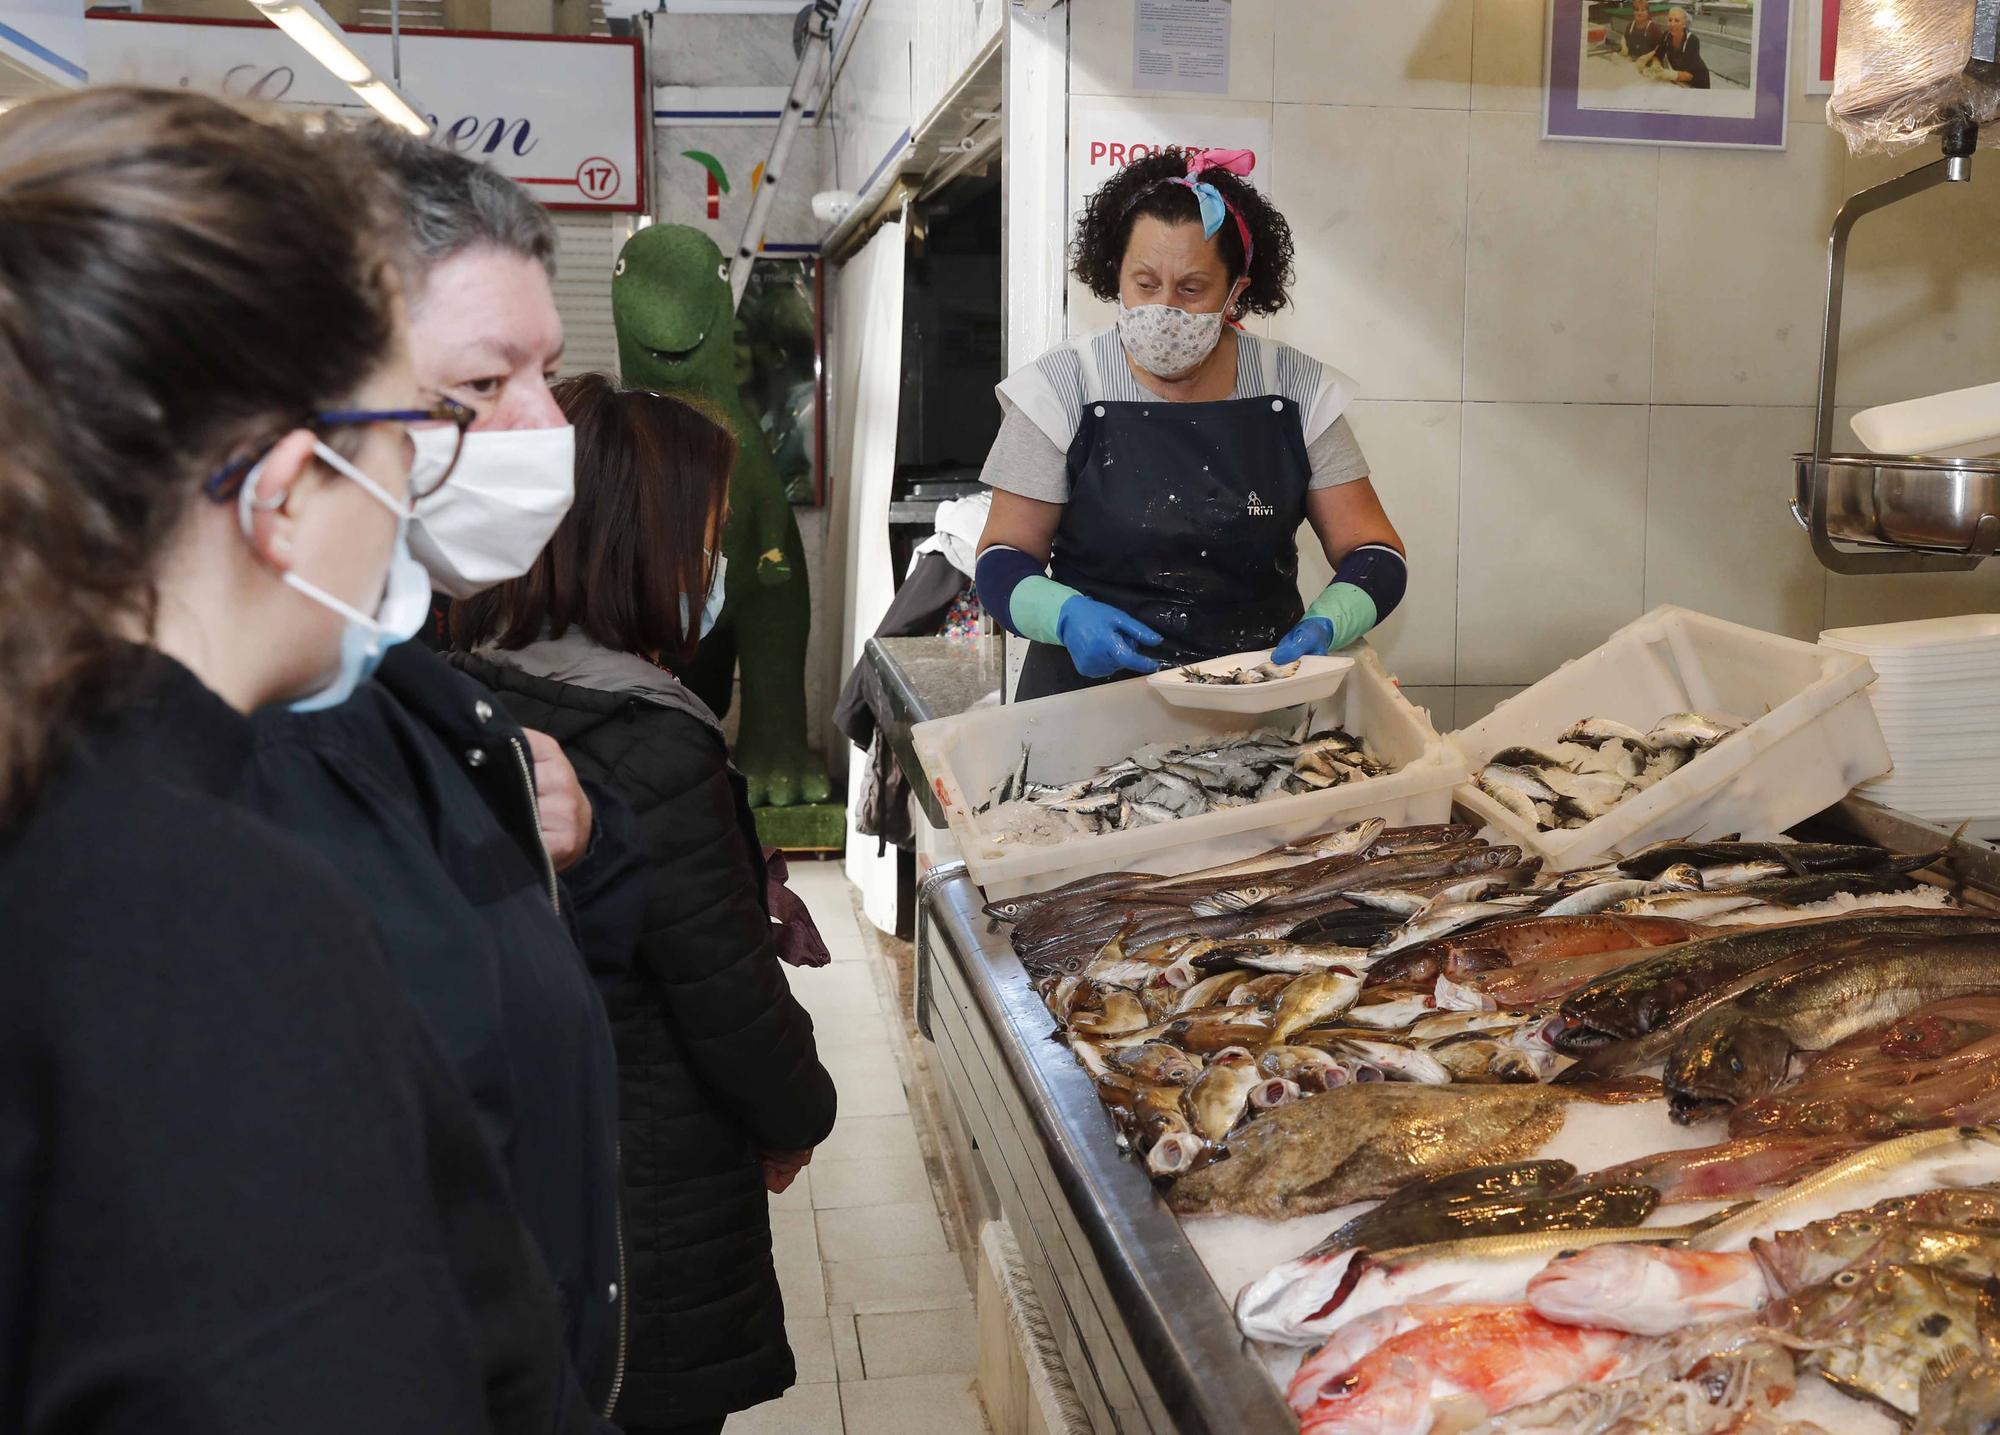 Noche de San Juan, día de sardinas en el mercado de Teis